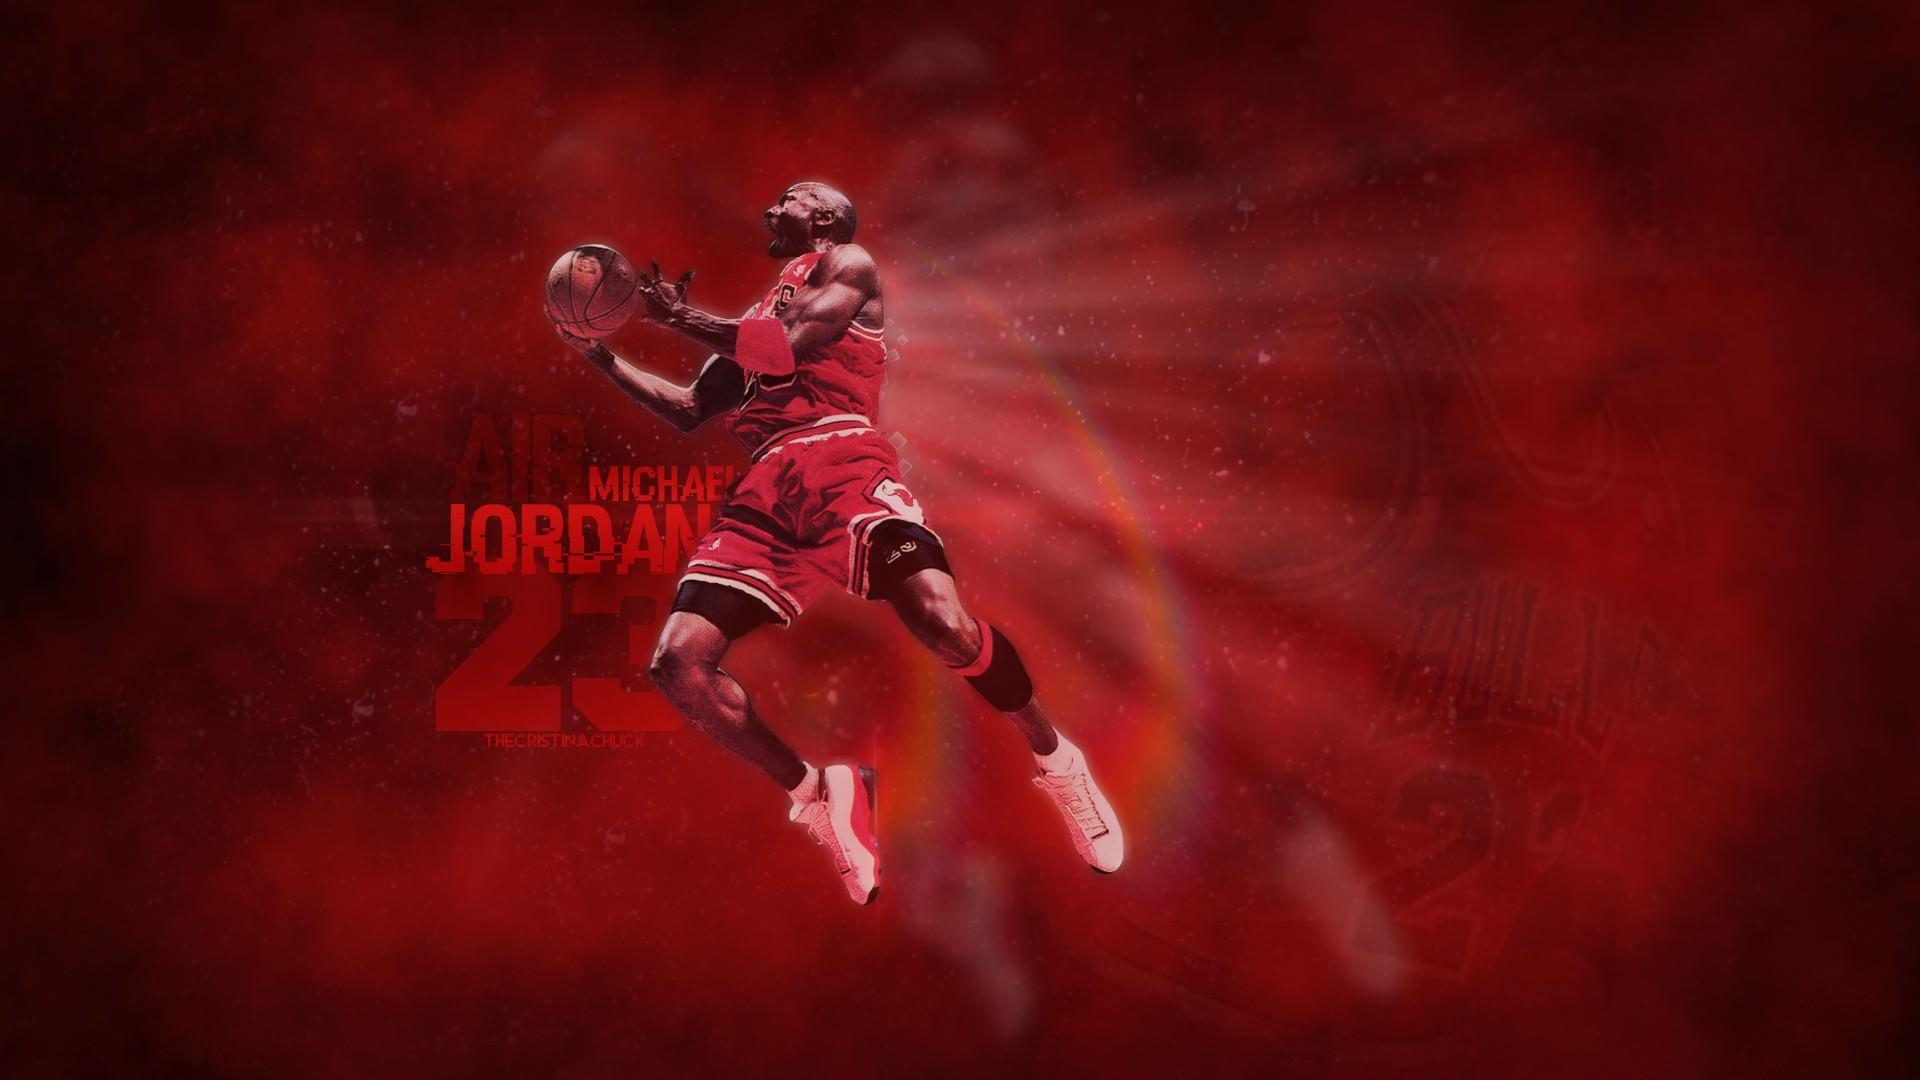 1920x1080 Michael Jordan hình nềnTải xuống miễn phí Độ phân giải cao tuyệt vời